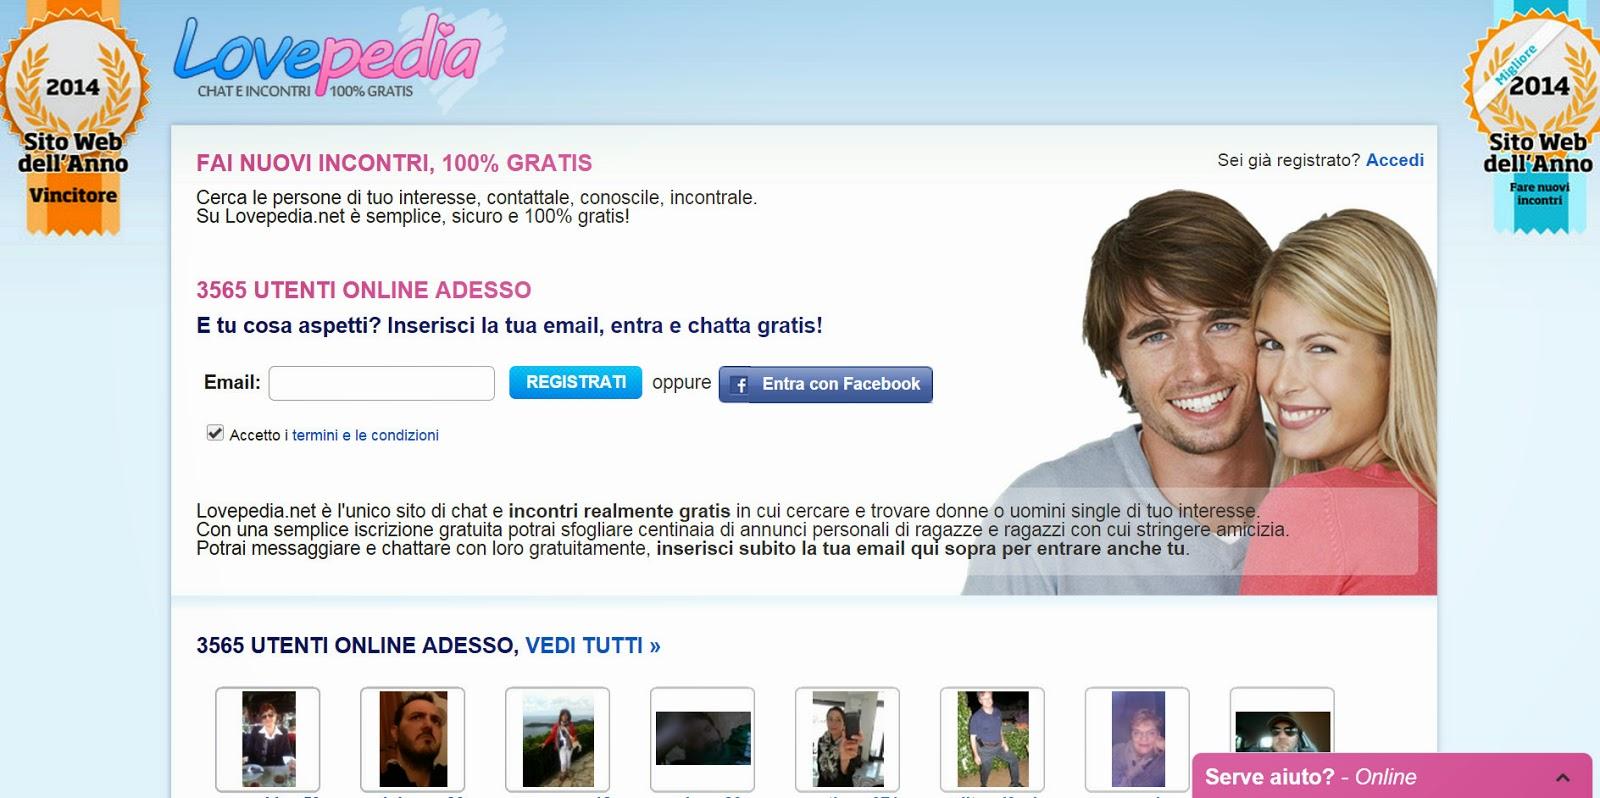 sito incontri italiano delight